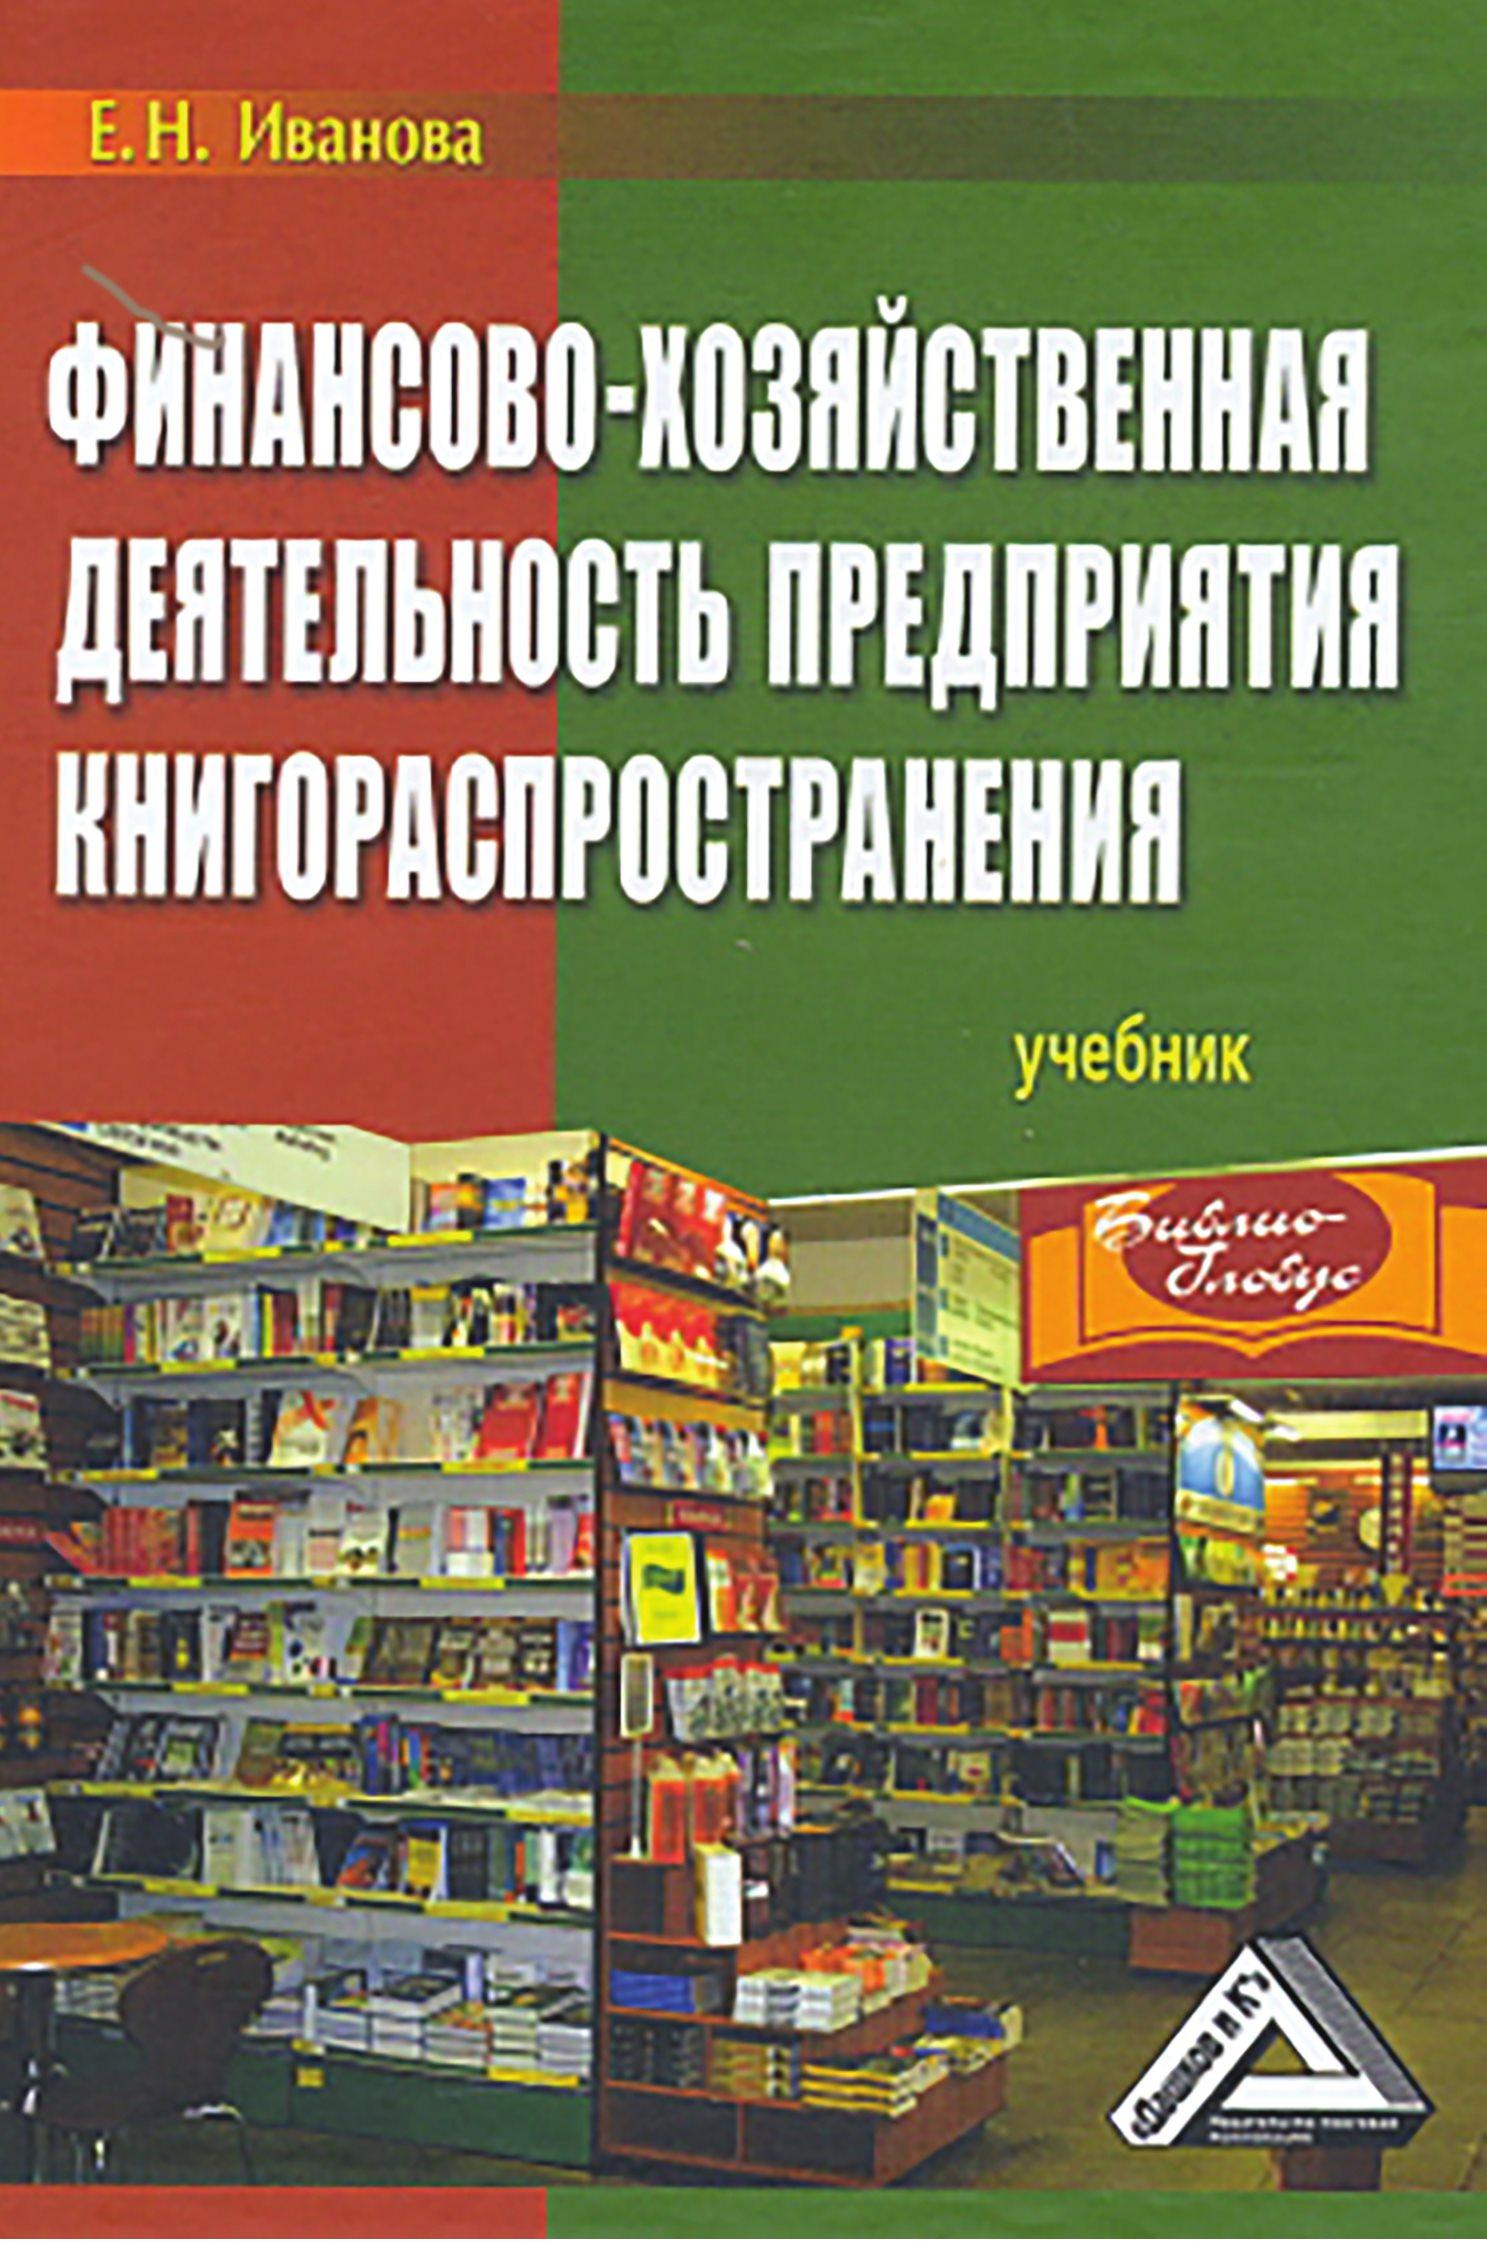 Екатерина Иванова Финансово-хозяйственная деятельность предприятия книгораспространения